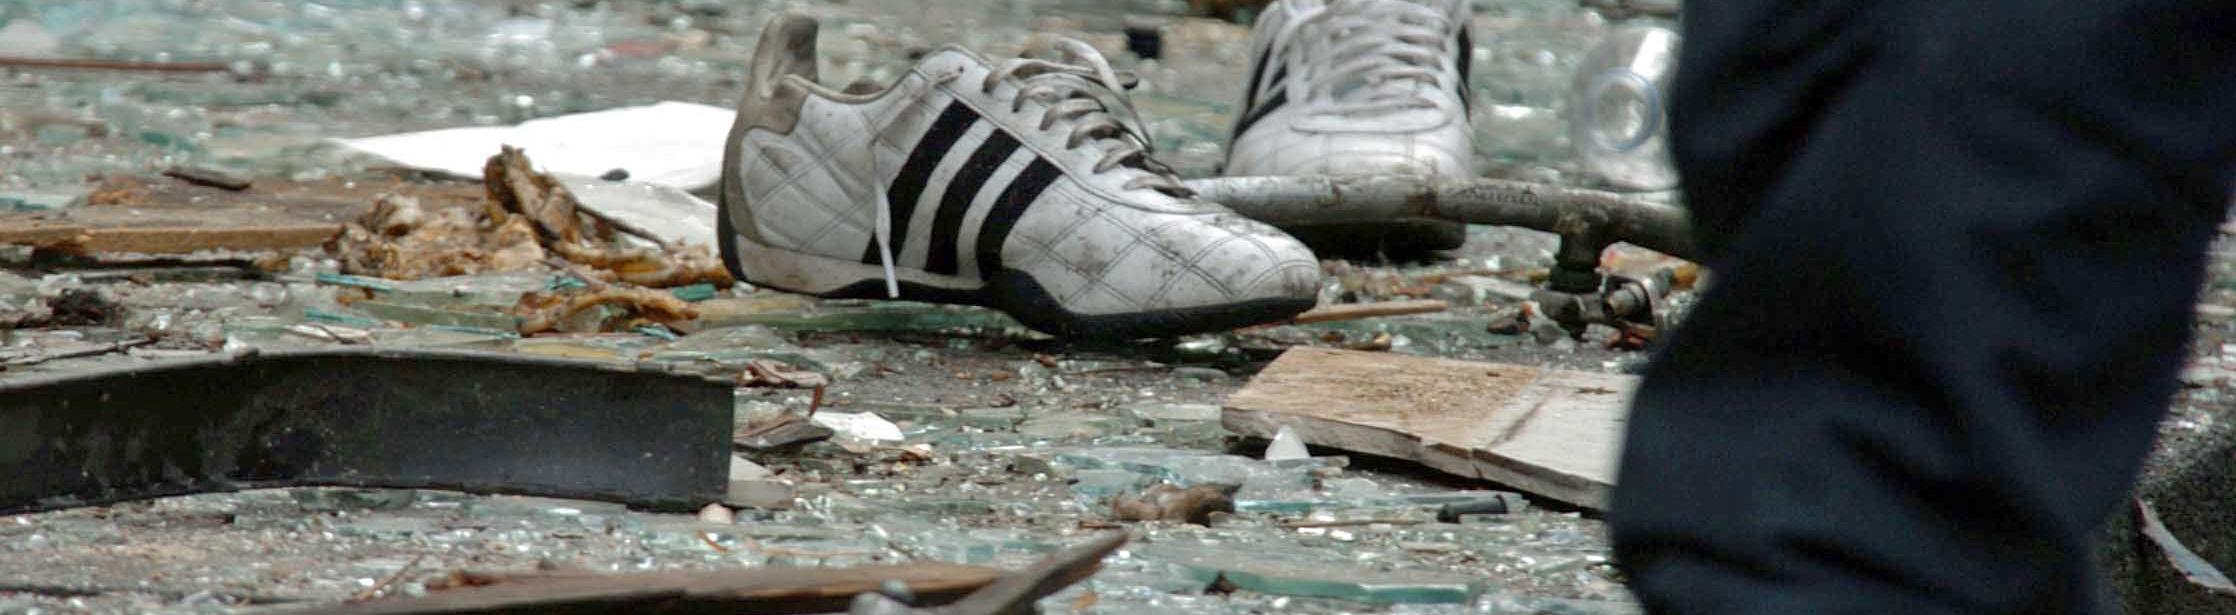 Auf dem Boden liegt ein paar Turnschuhe, ebenso viele Glasscherben und Teile von Gegenständen, die nicht zuzuordnen sind; Bild: dpa